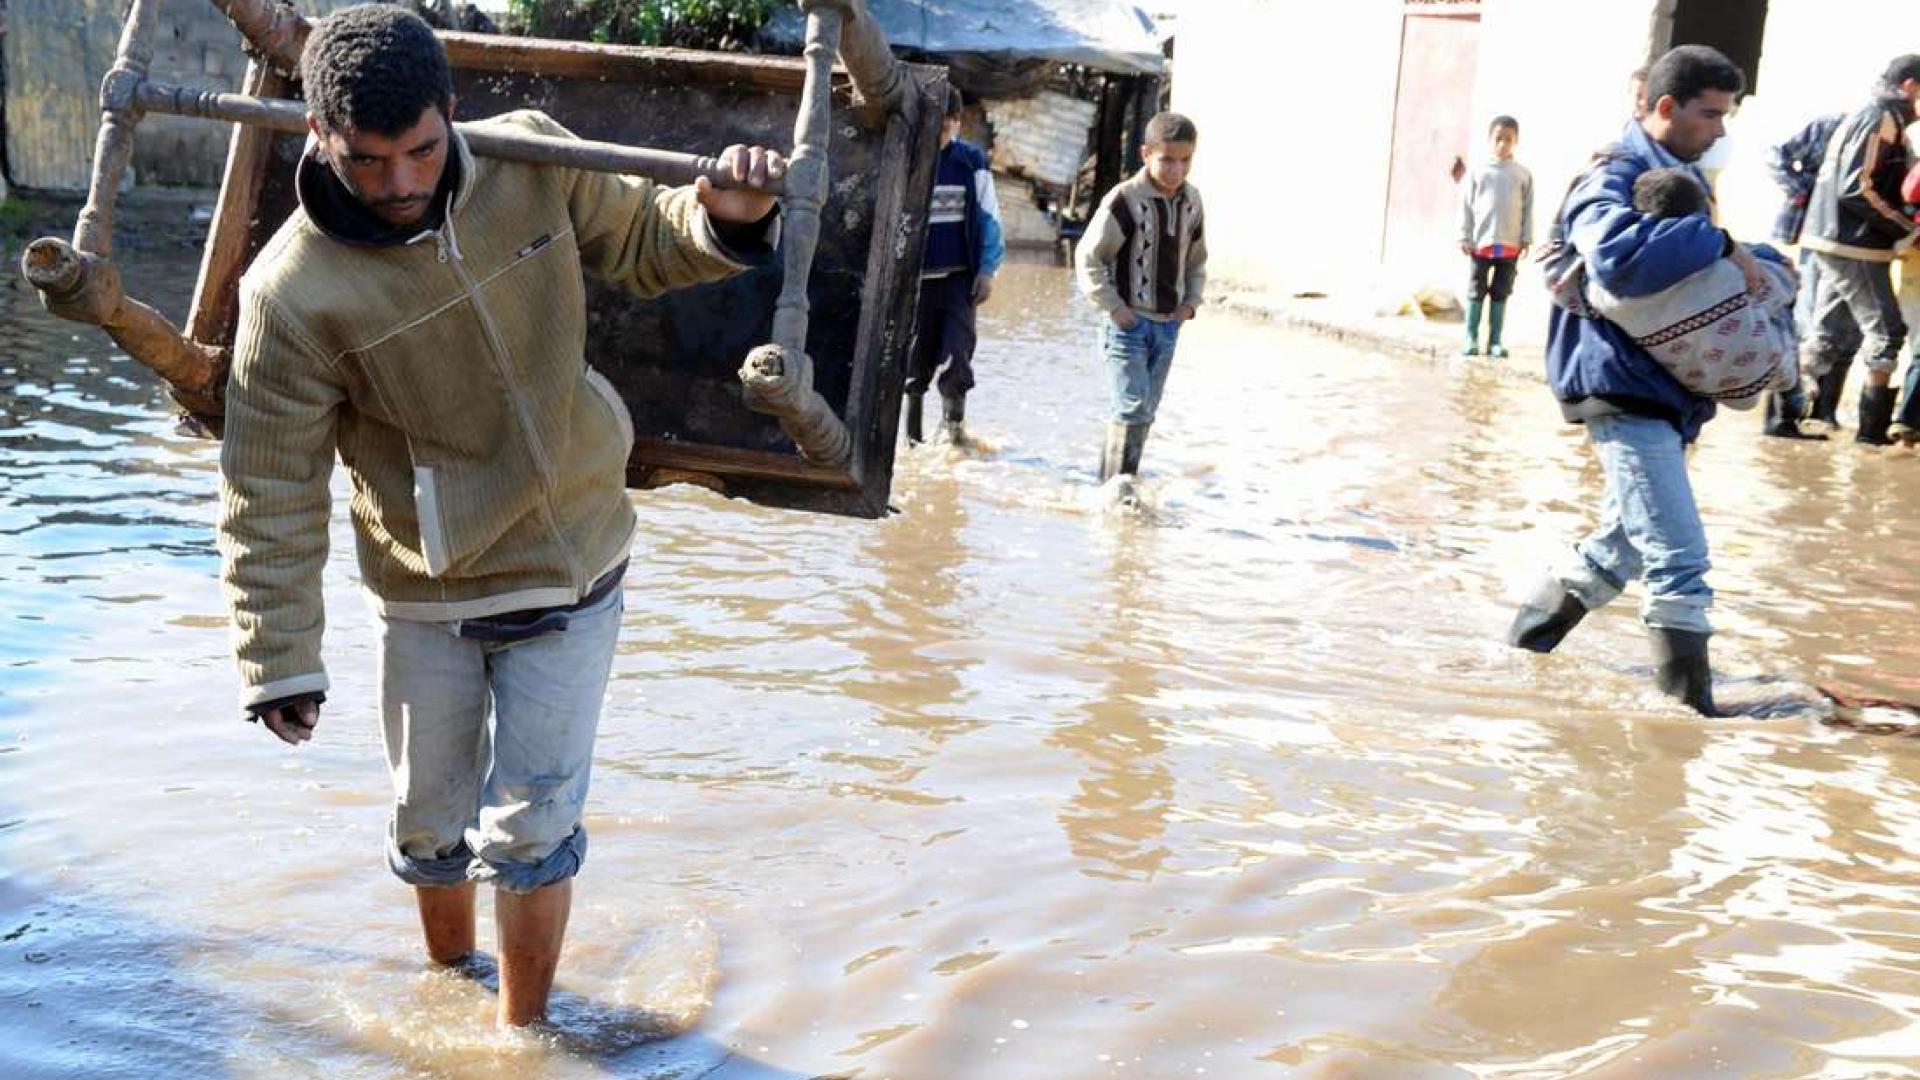 المغرب والبنك الدولي يوقعان اتفاقا لمواجهة مخاطر الكوارث الطبيعية